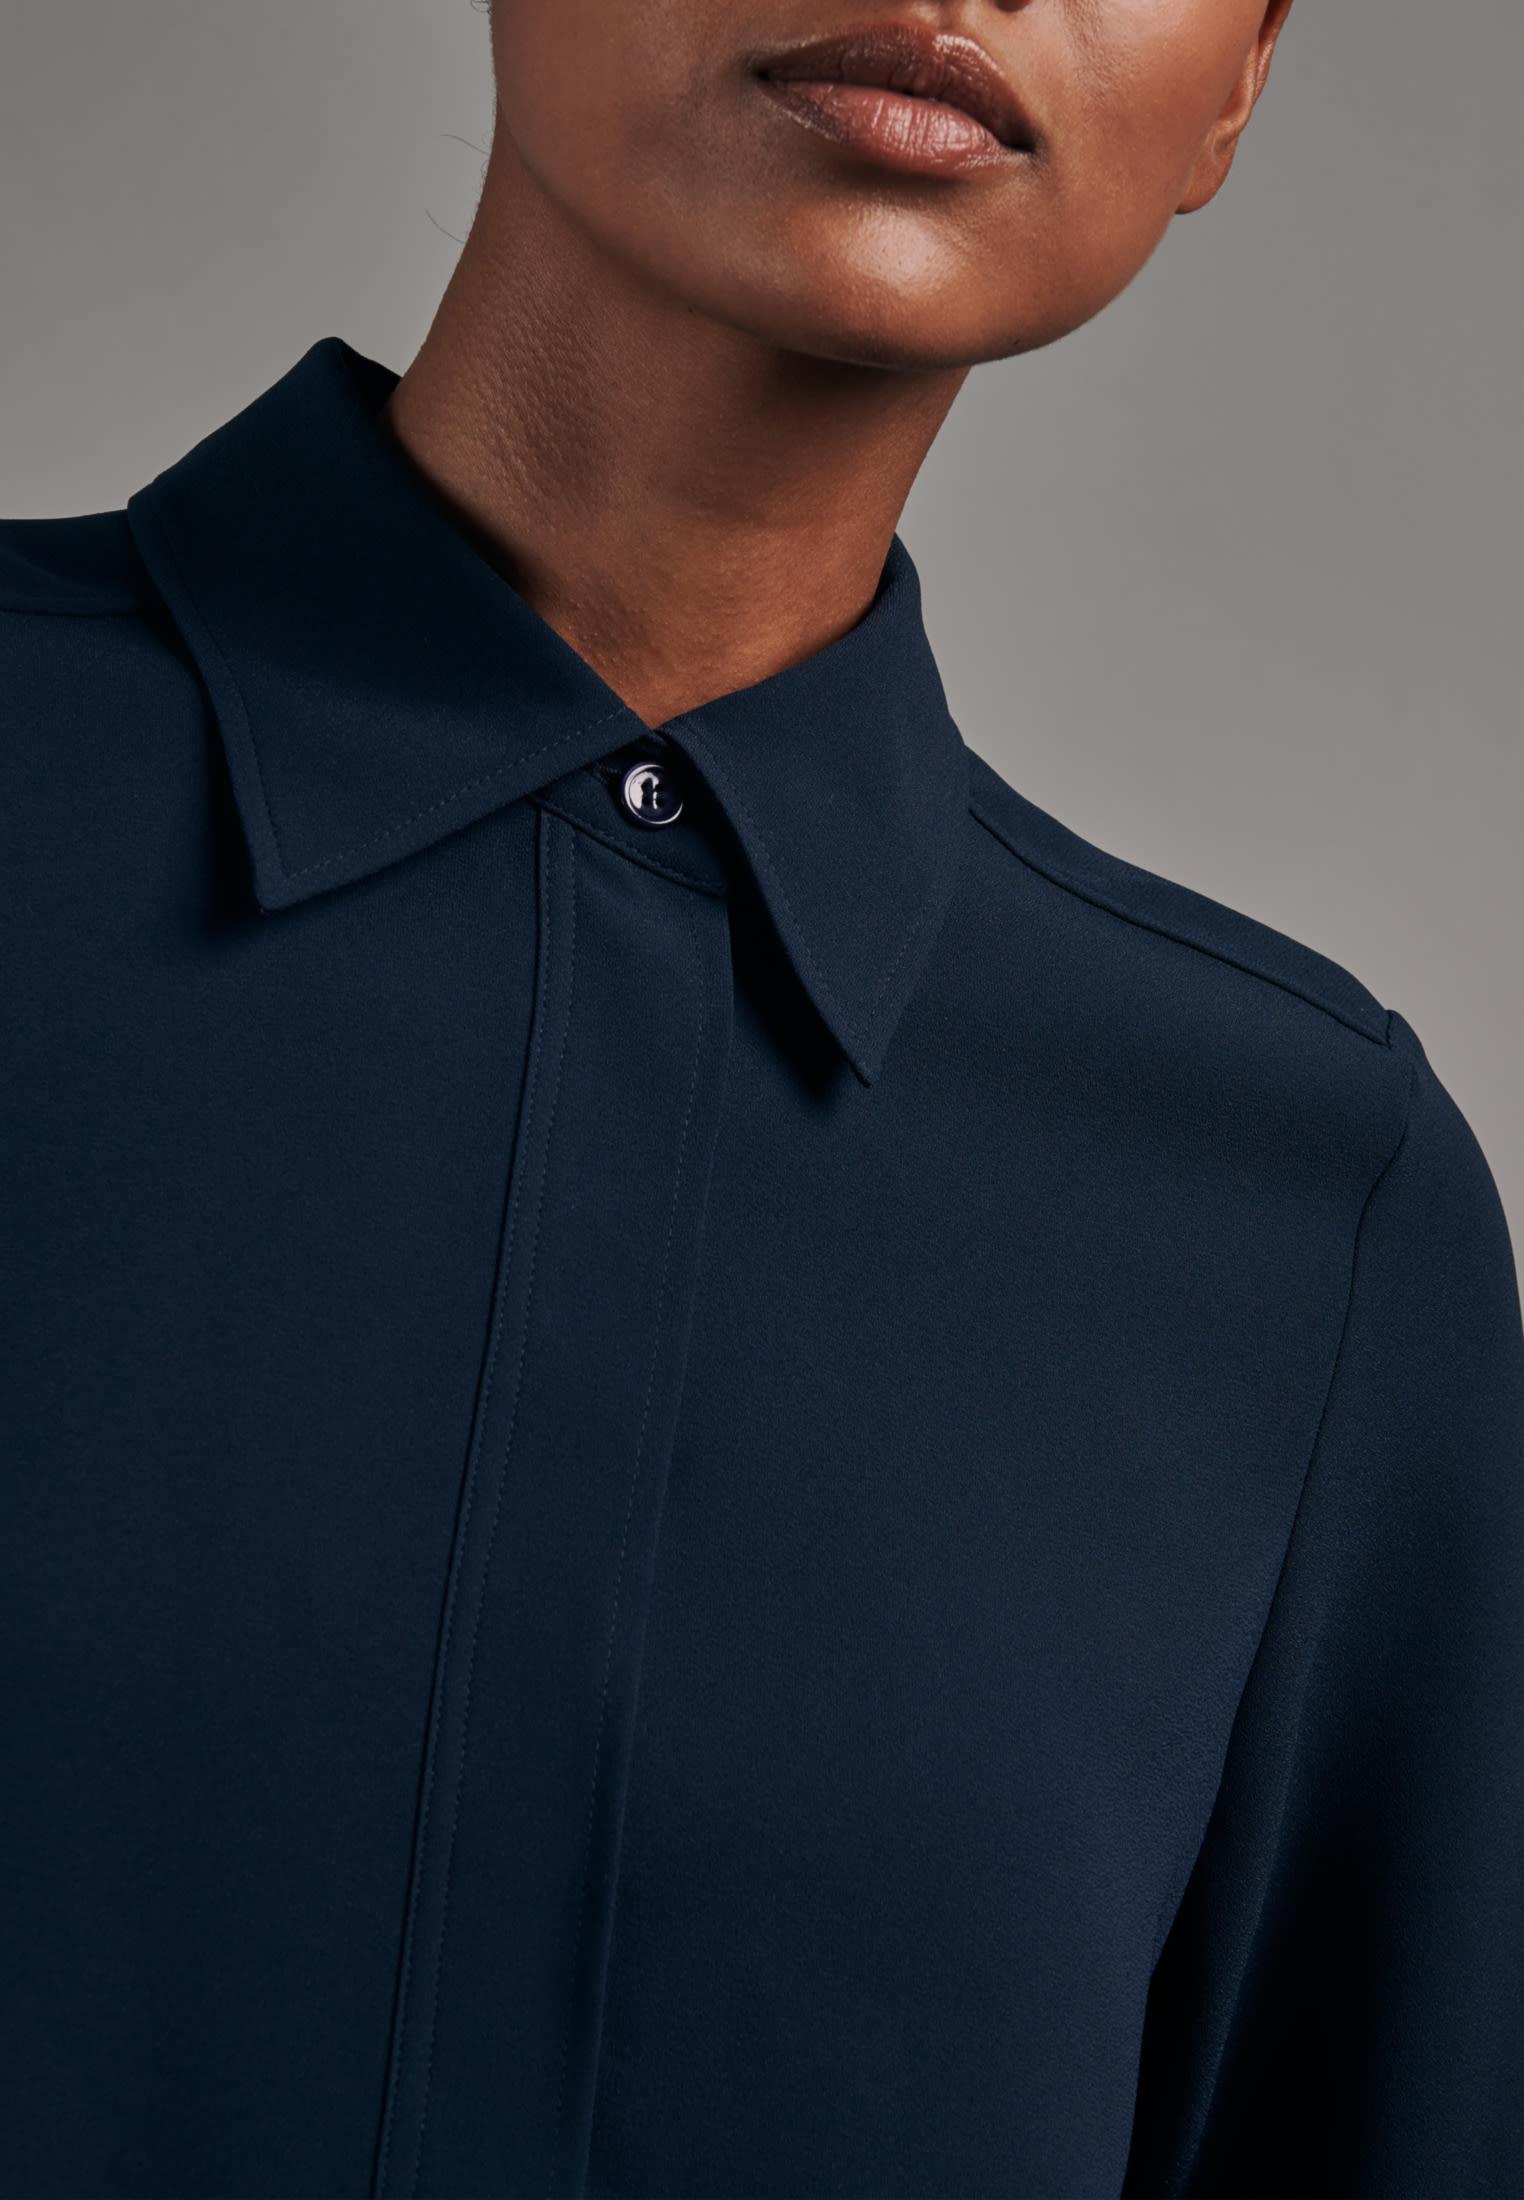 Krepp Hemdbluse aus 100% Polyester in Dunkelblau |  Seidensticker Onlineshop